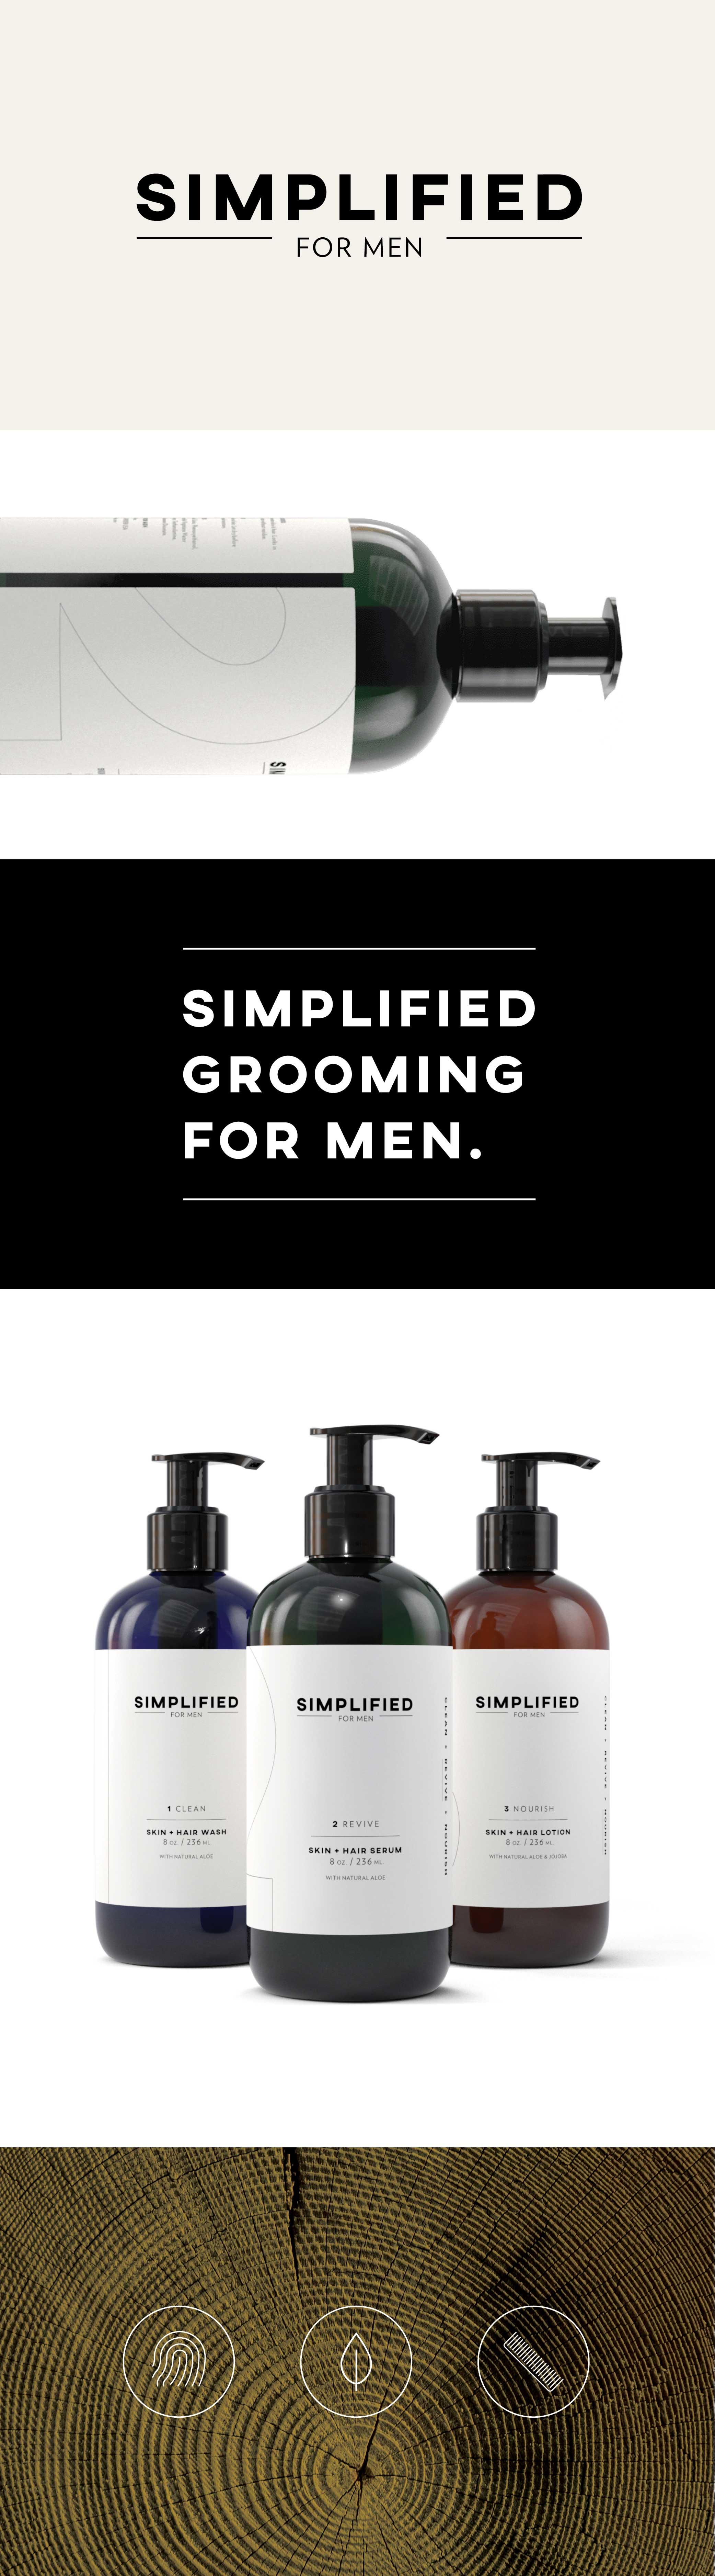 Simplified Grooming for Men | Branding + Packaging